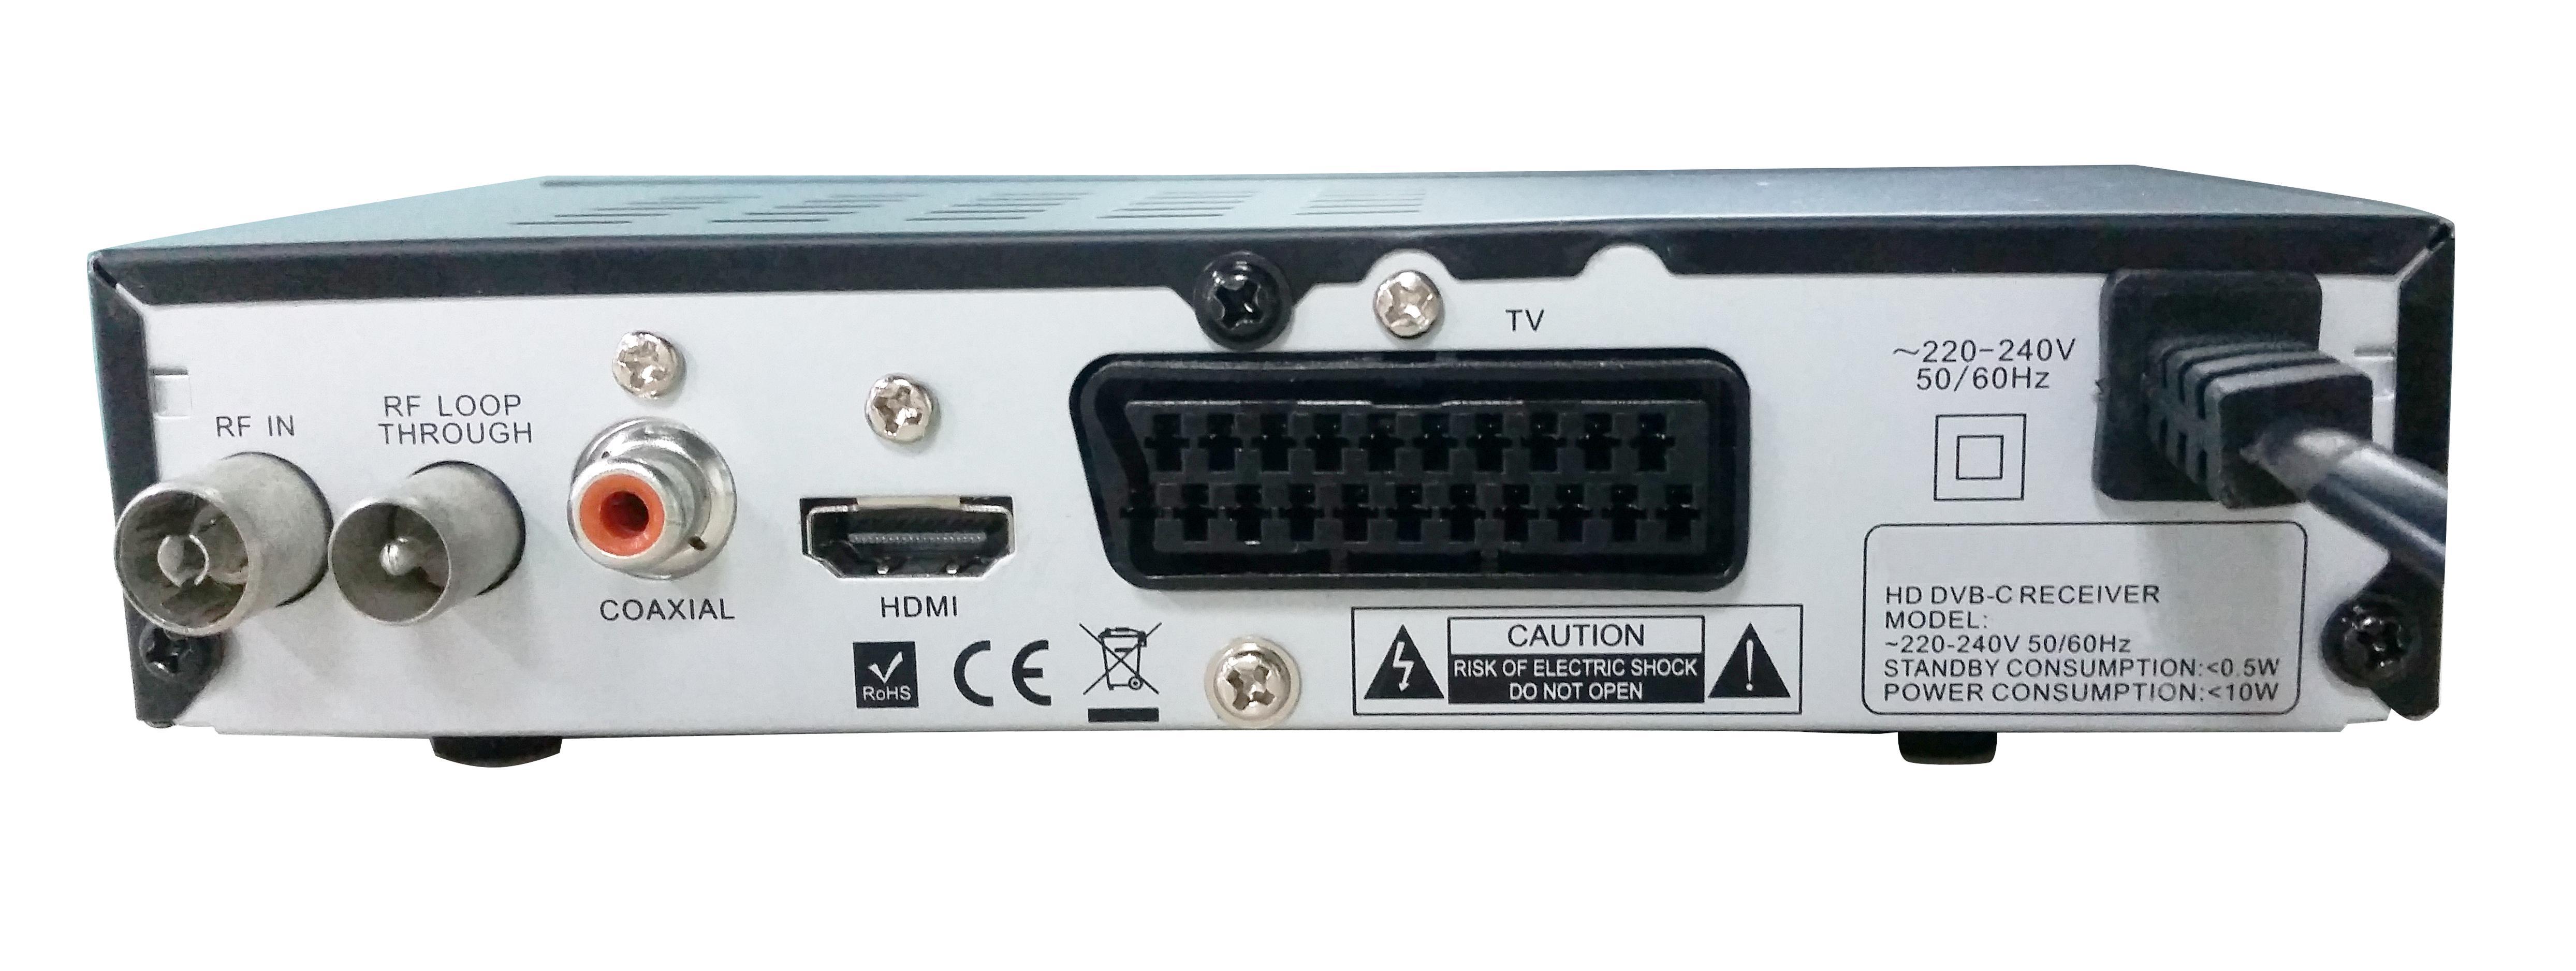 comag dkr40 digitaler hd kabel receiver pvr ready hdtv. Black Bedroom Furniture Sets. Home Design Ideas